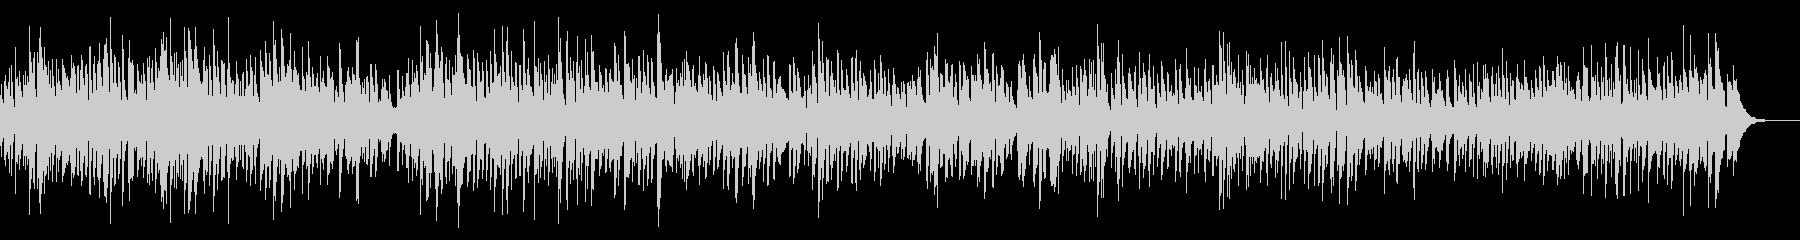 ピアノ料理系ボサノバYouTubeカフェの未再生の波形